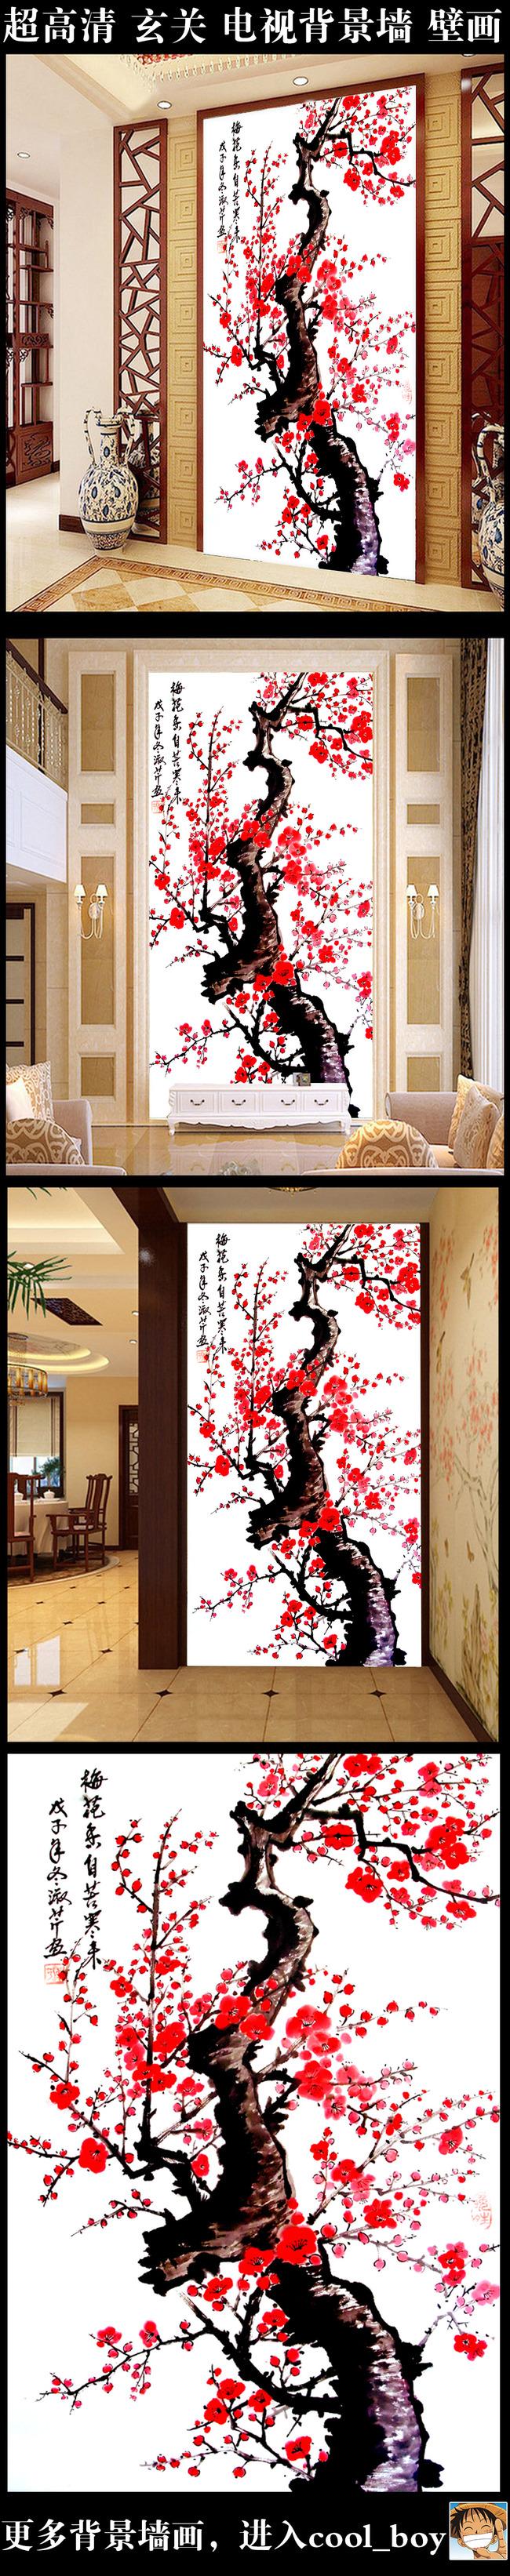 中式梅花玄关屏风壁画装饰画设计模板图片